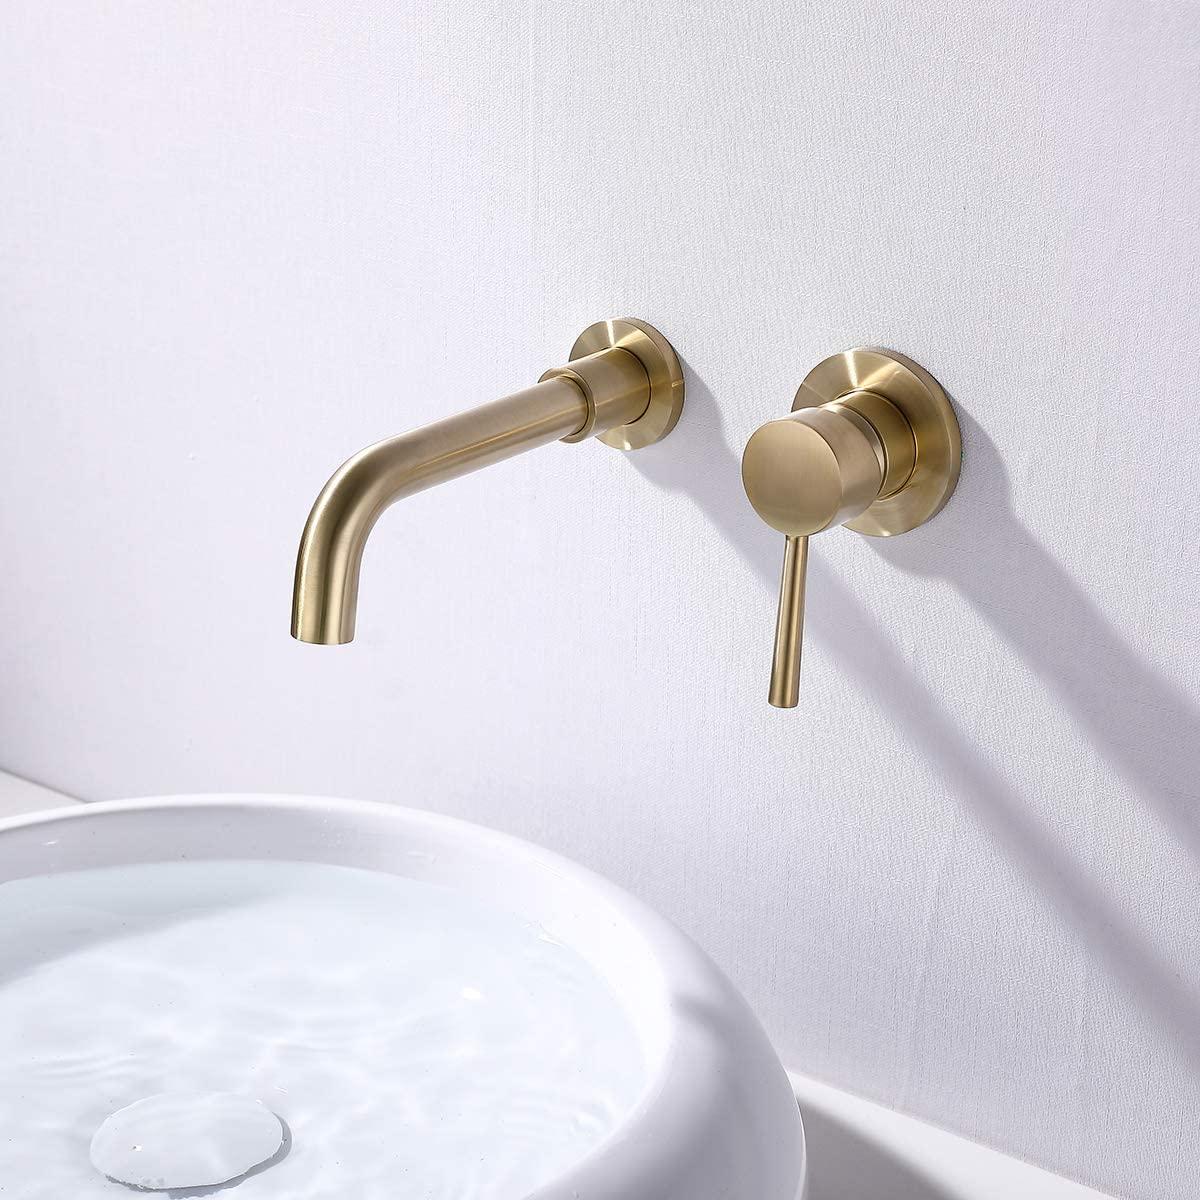 acqua + bango wall mount faucet gold a.j